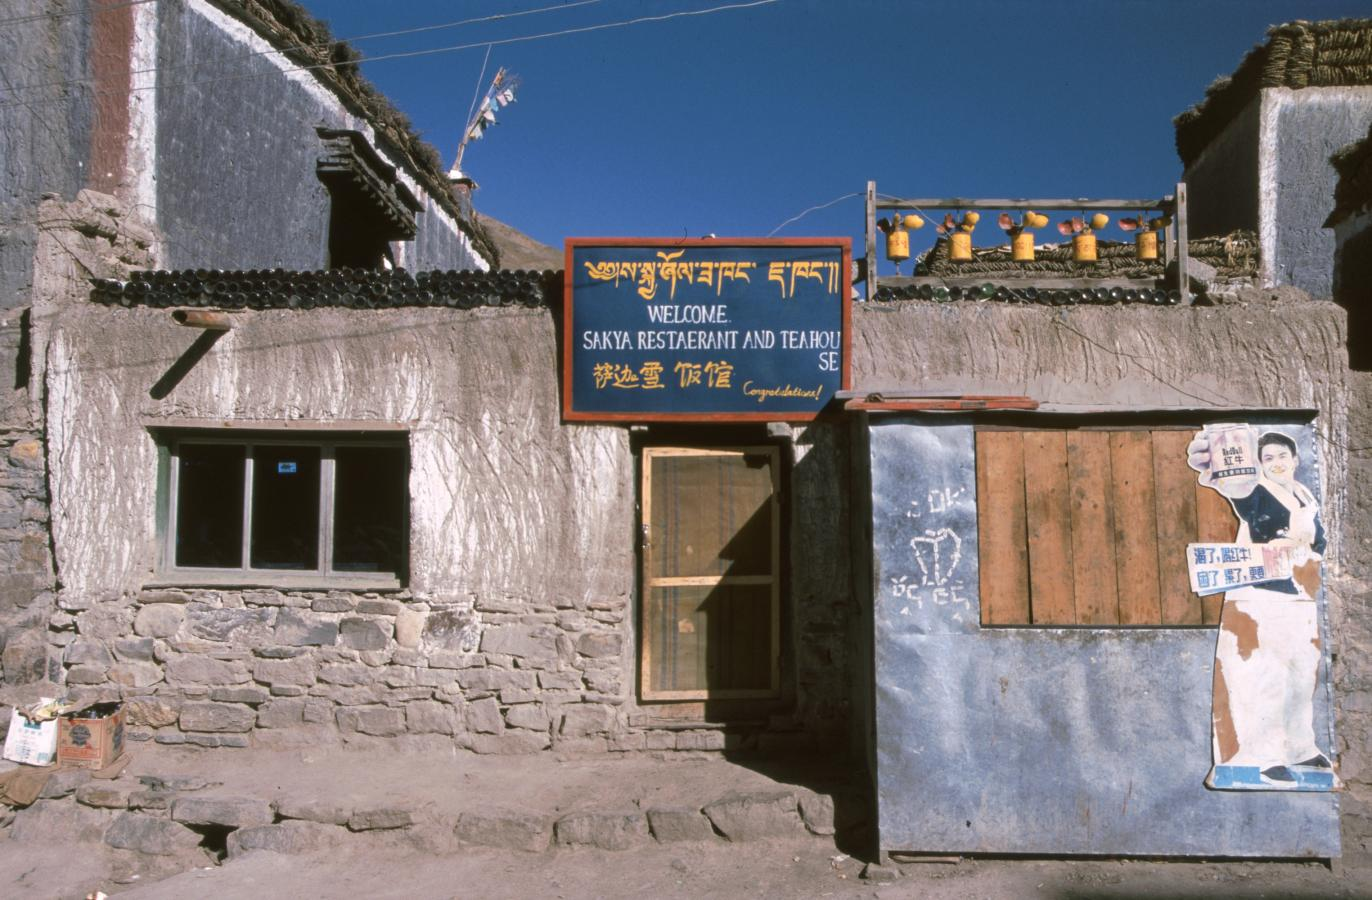 restaurant-tibet-2000